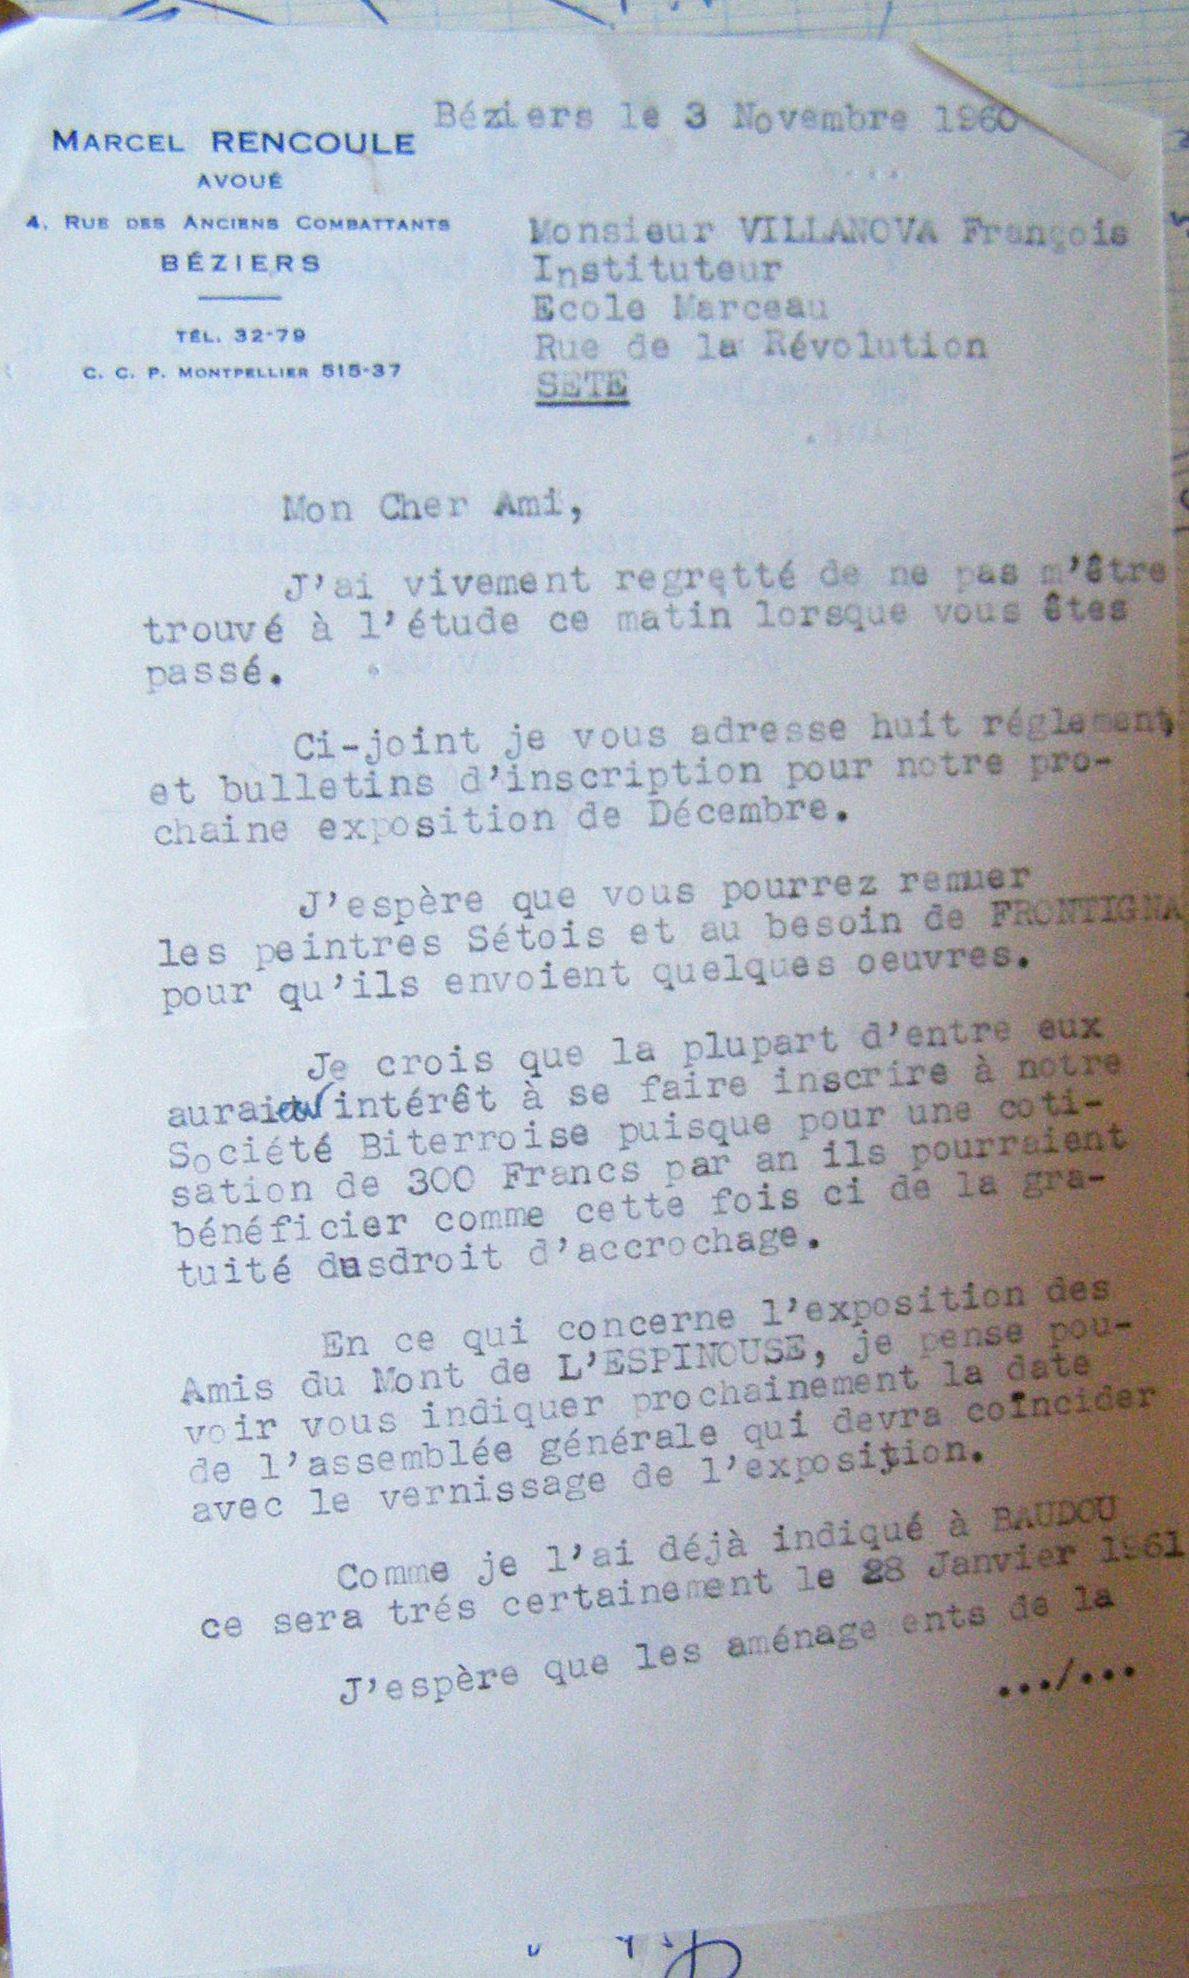 1960 M Rencoule.jpg